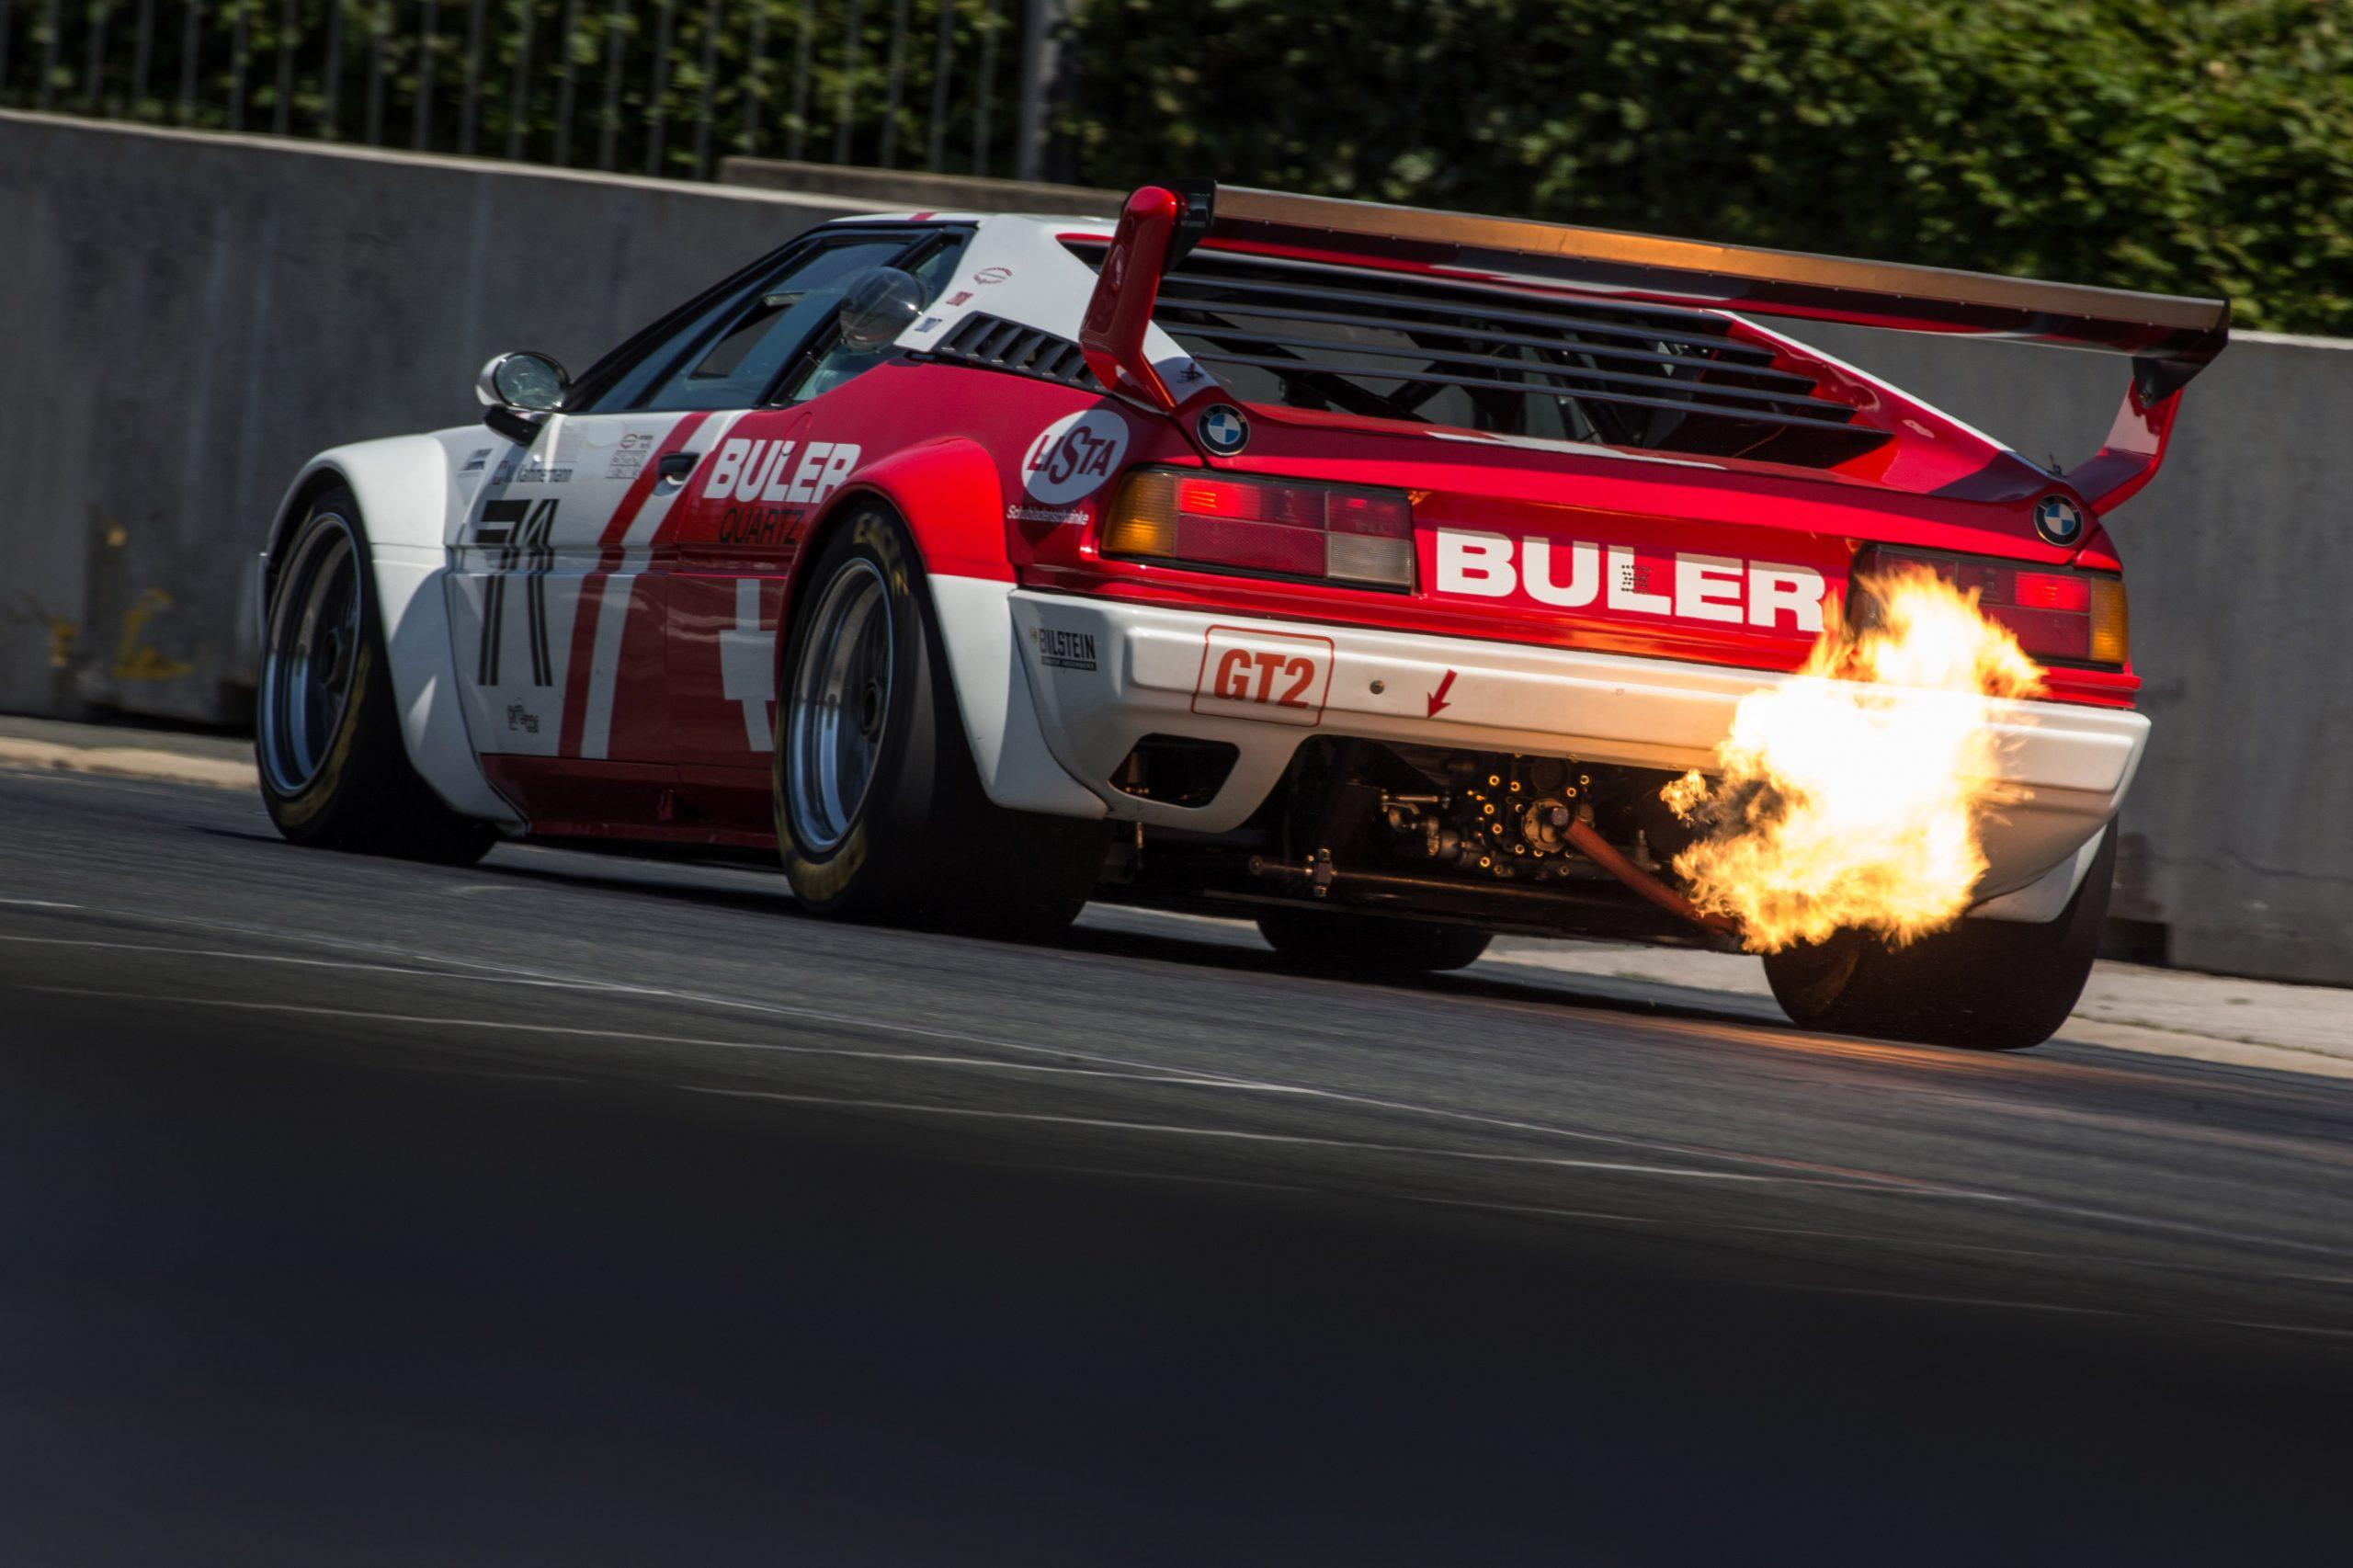 bmw m1 procar rear flames norisring track